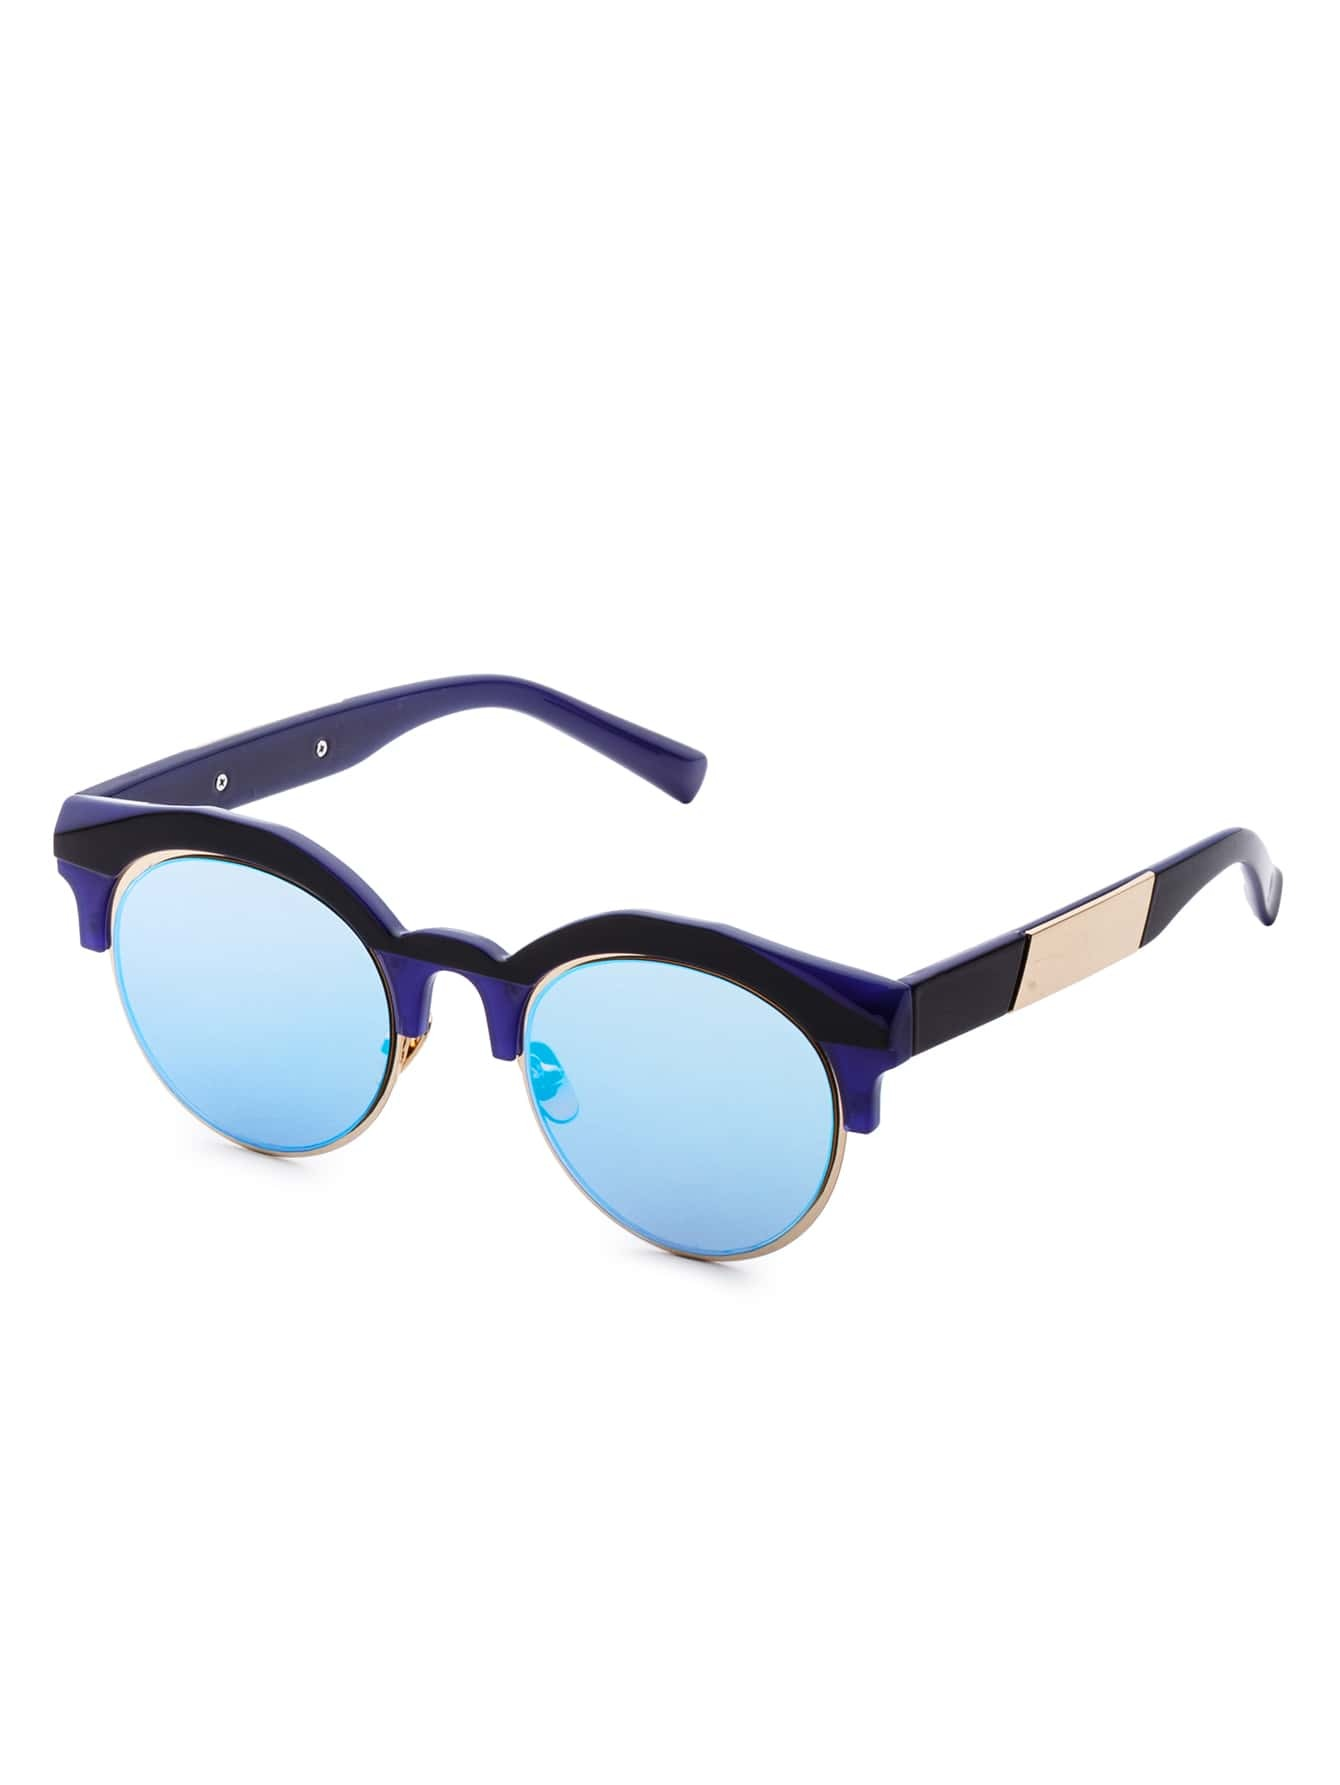 Navy Frame Round Lens Sunglasses sunglass170110308